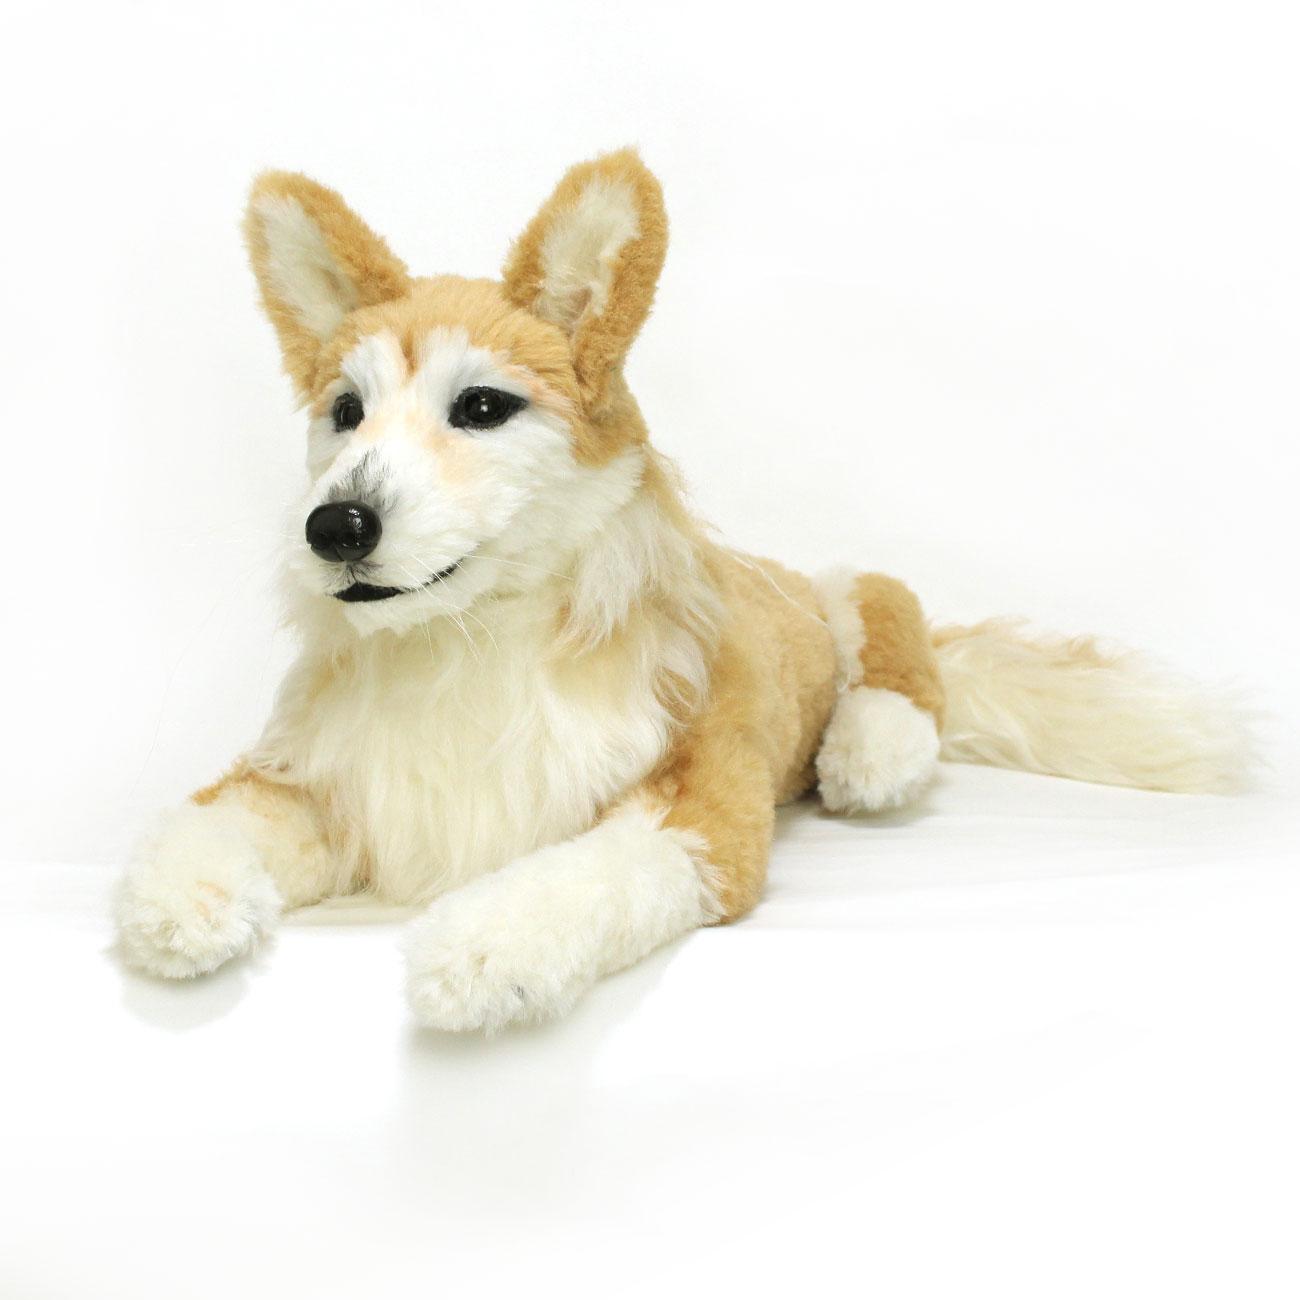 MIX犬特大のリアルなぬいぐるみ,ペットのオーダーメイド